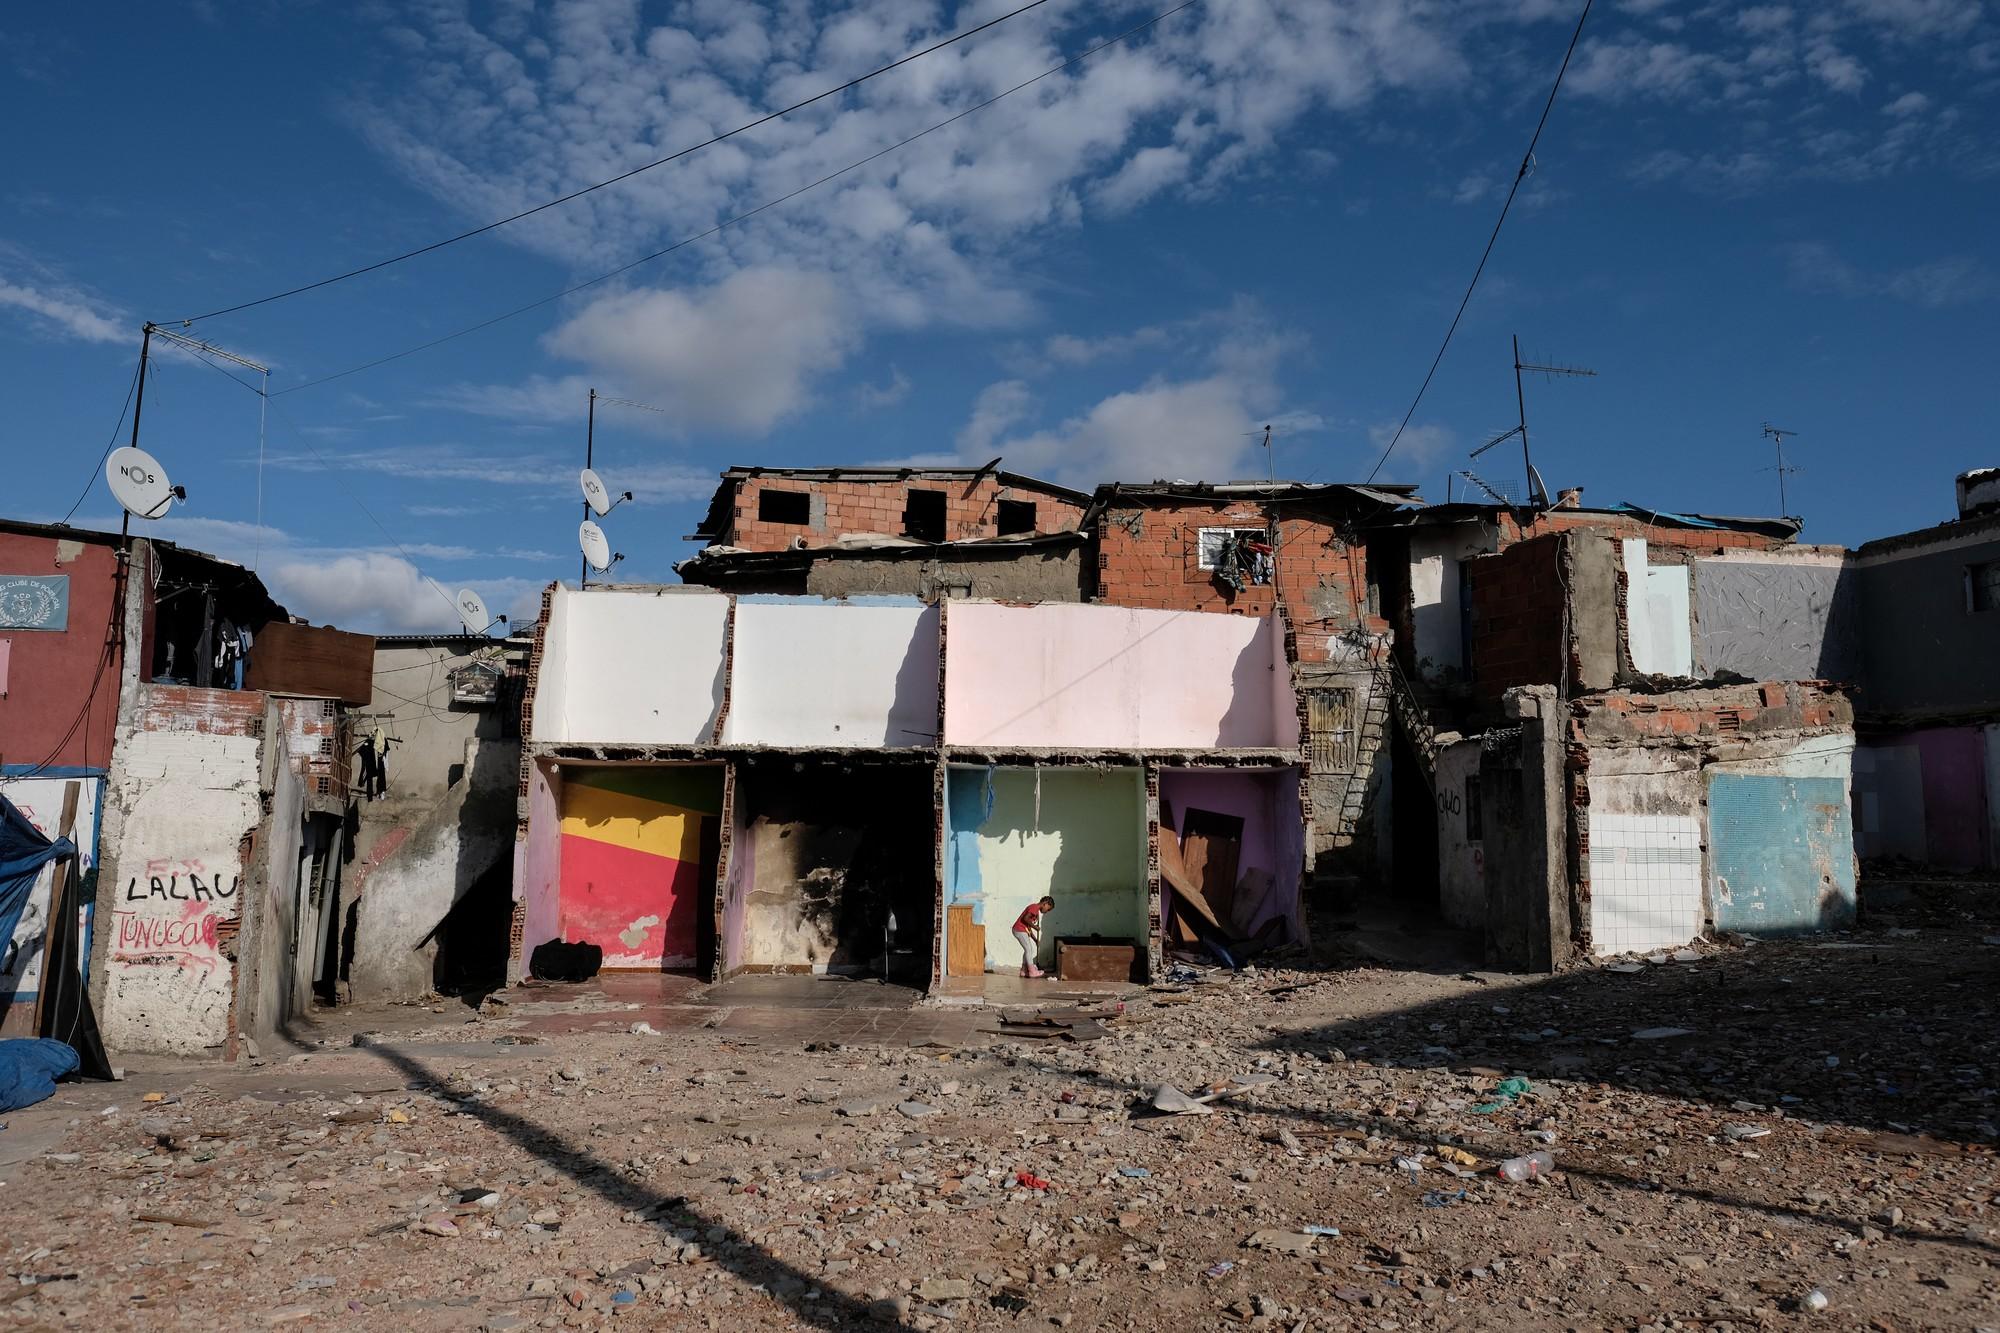 Mặt tối cuộc sống mang tên 6 de Maio: Những gì diễn ra bên trong khu phố nguy hiểm bậc nhất Bồ Đào Nha - Ảnh 2.